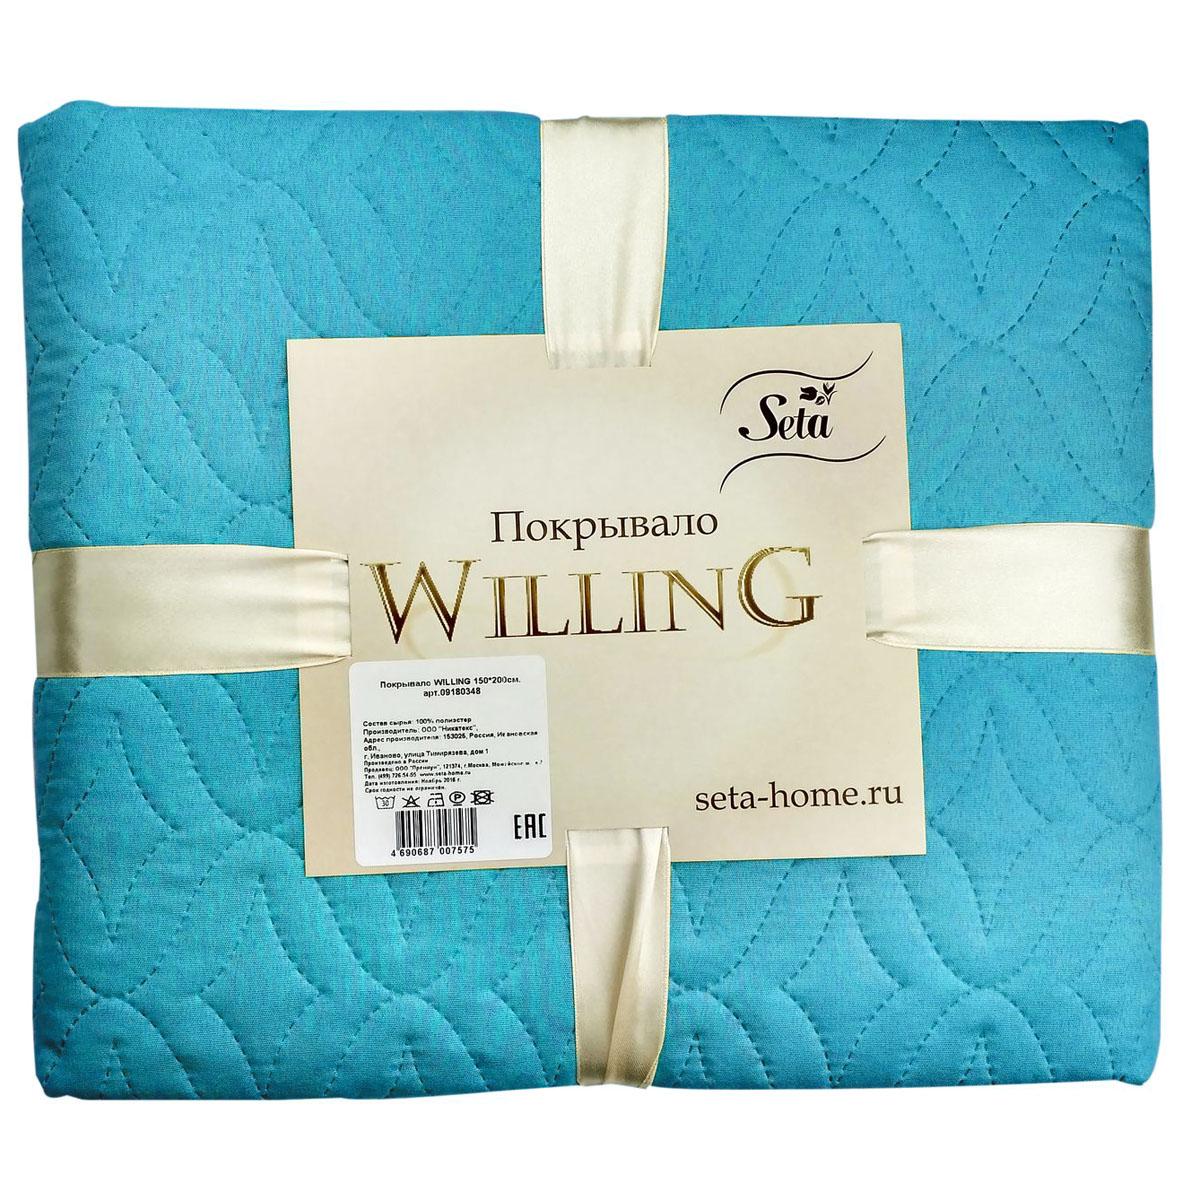 Покрывало Seta Willing, цвет: бирюзовый, 150 x 200 см09180415Прекрасные покрывала компании Seta окутают вас теплом и лаской в самые суровые морозы. А в теплое время года придадут необыкновенную элегантность интерьеру вашего дома.